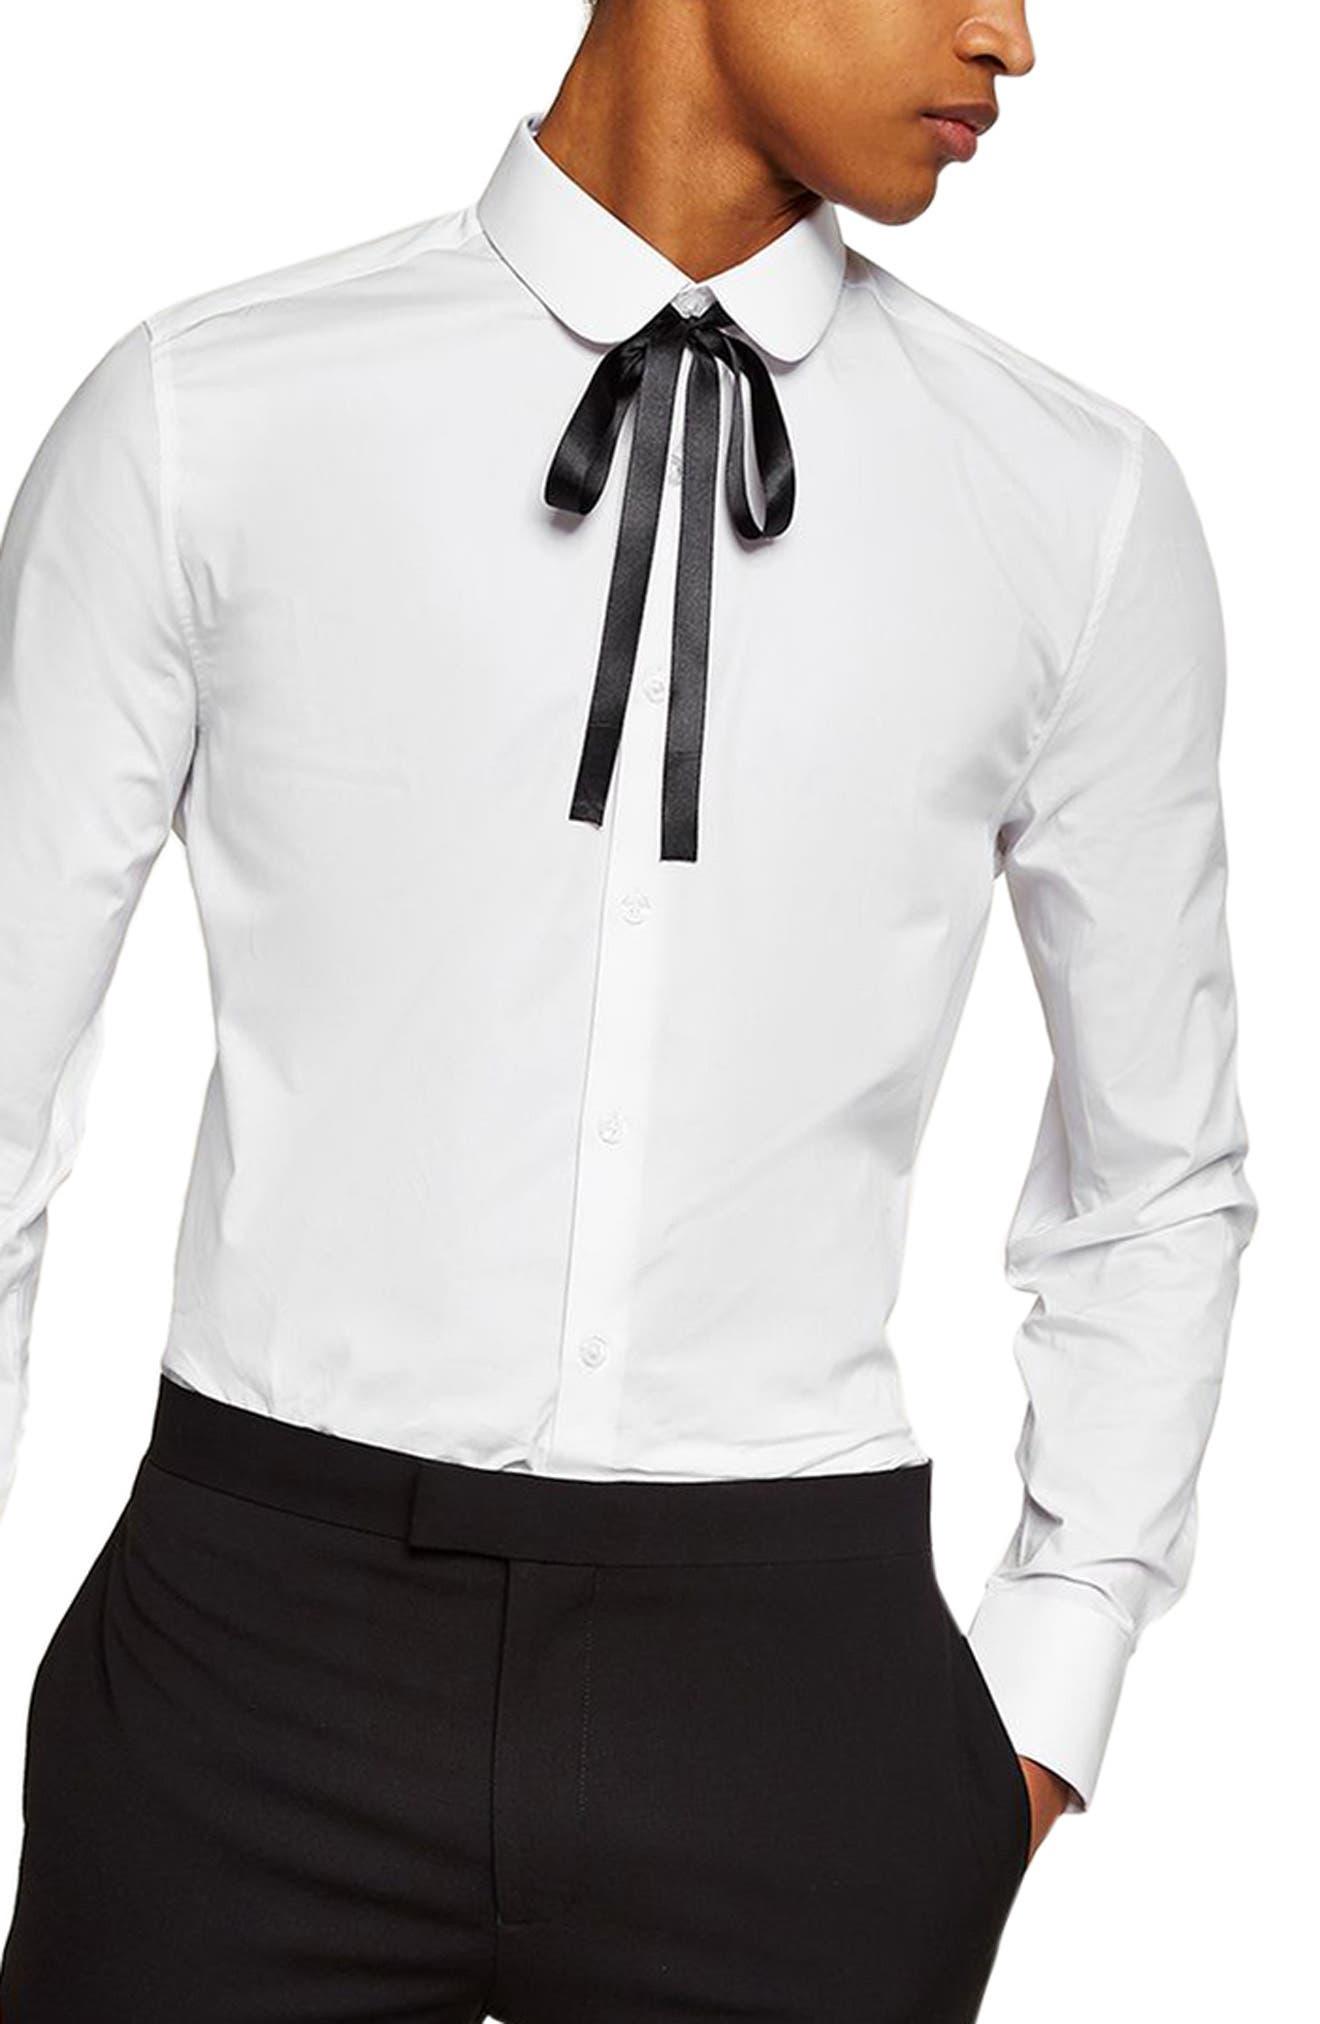 Penny Collar Shirt,                             Main thumbnail 1, color,                             White Multi